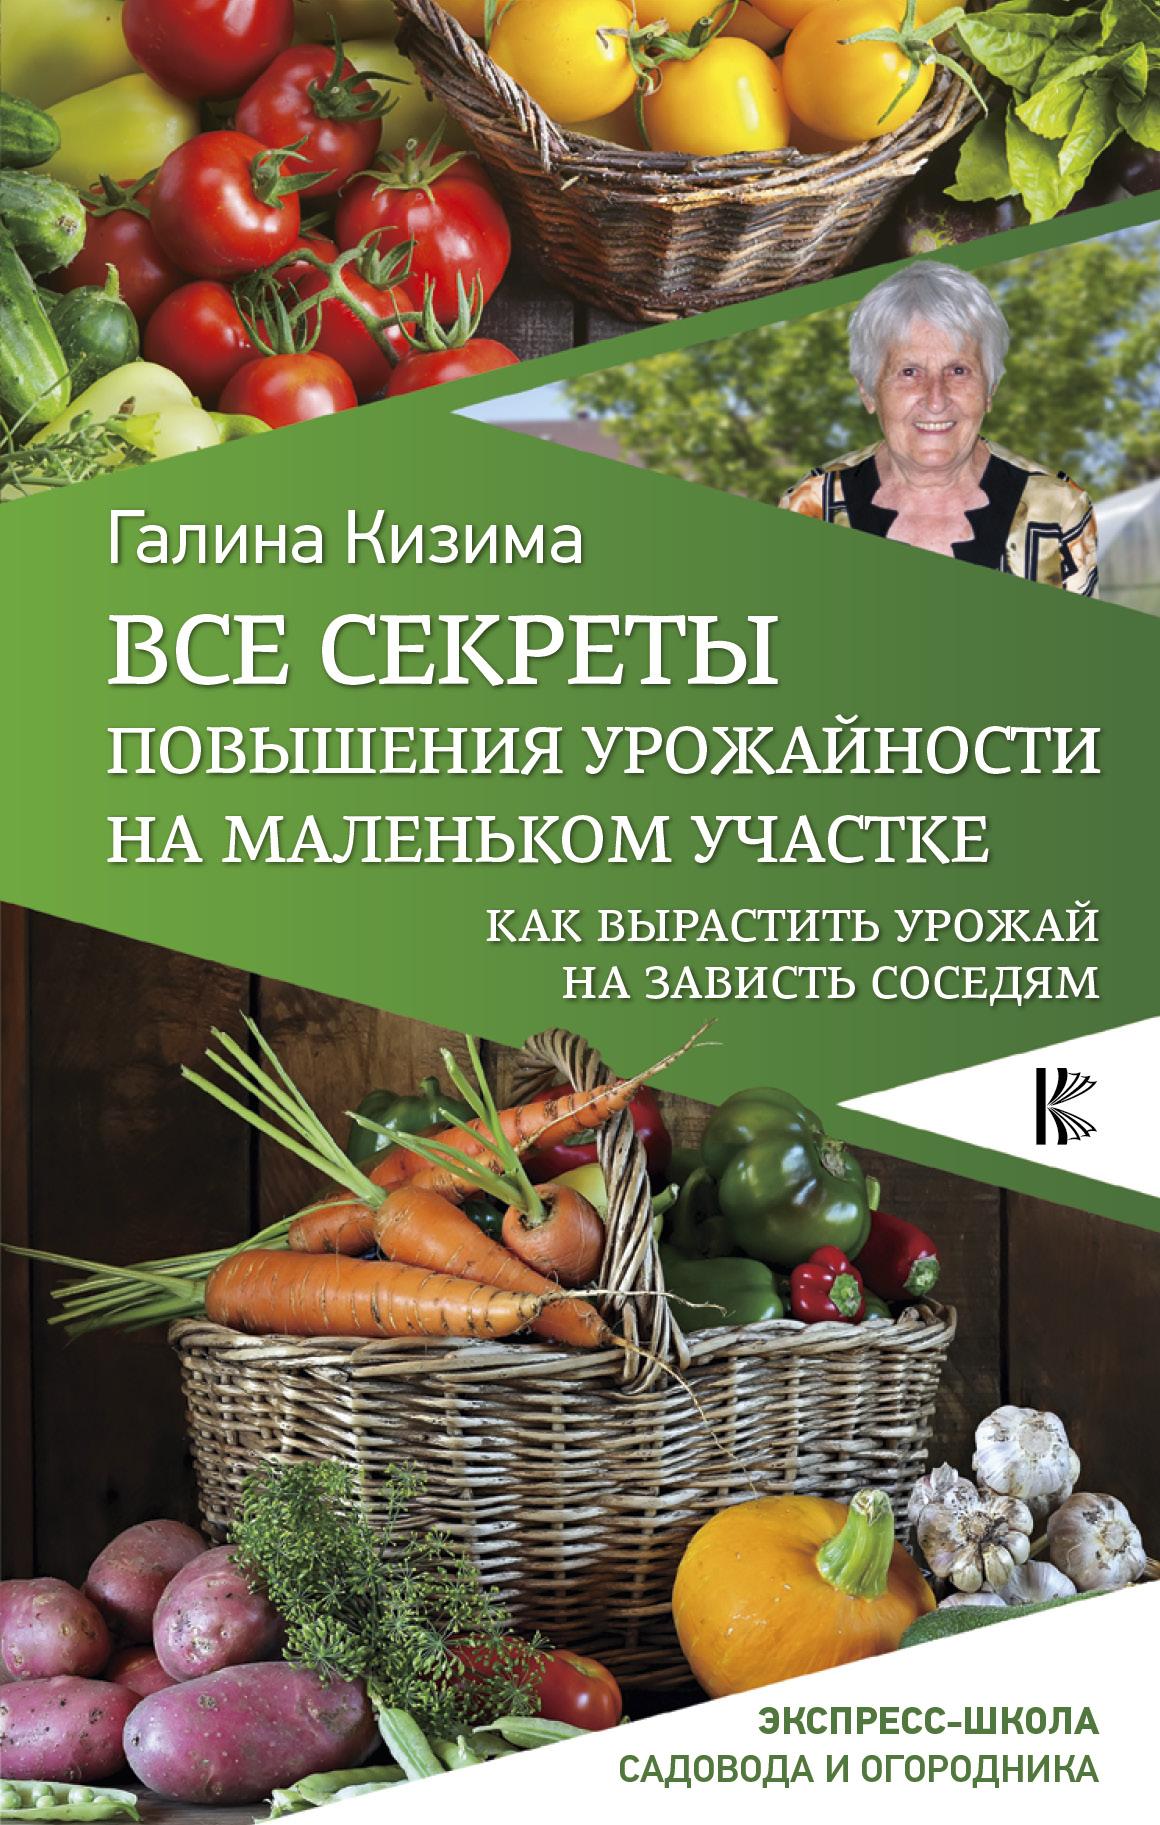 Галина Кизима Все секреты повышения урожайности на маленьком участке. Как вырастить урожай на зависть соседям секреты фруктового сада урожай на зависть соседям